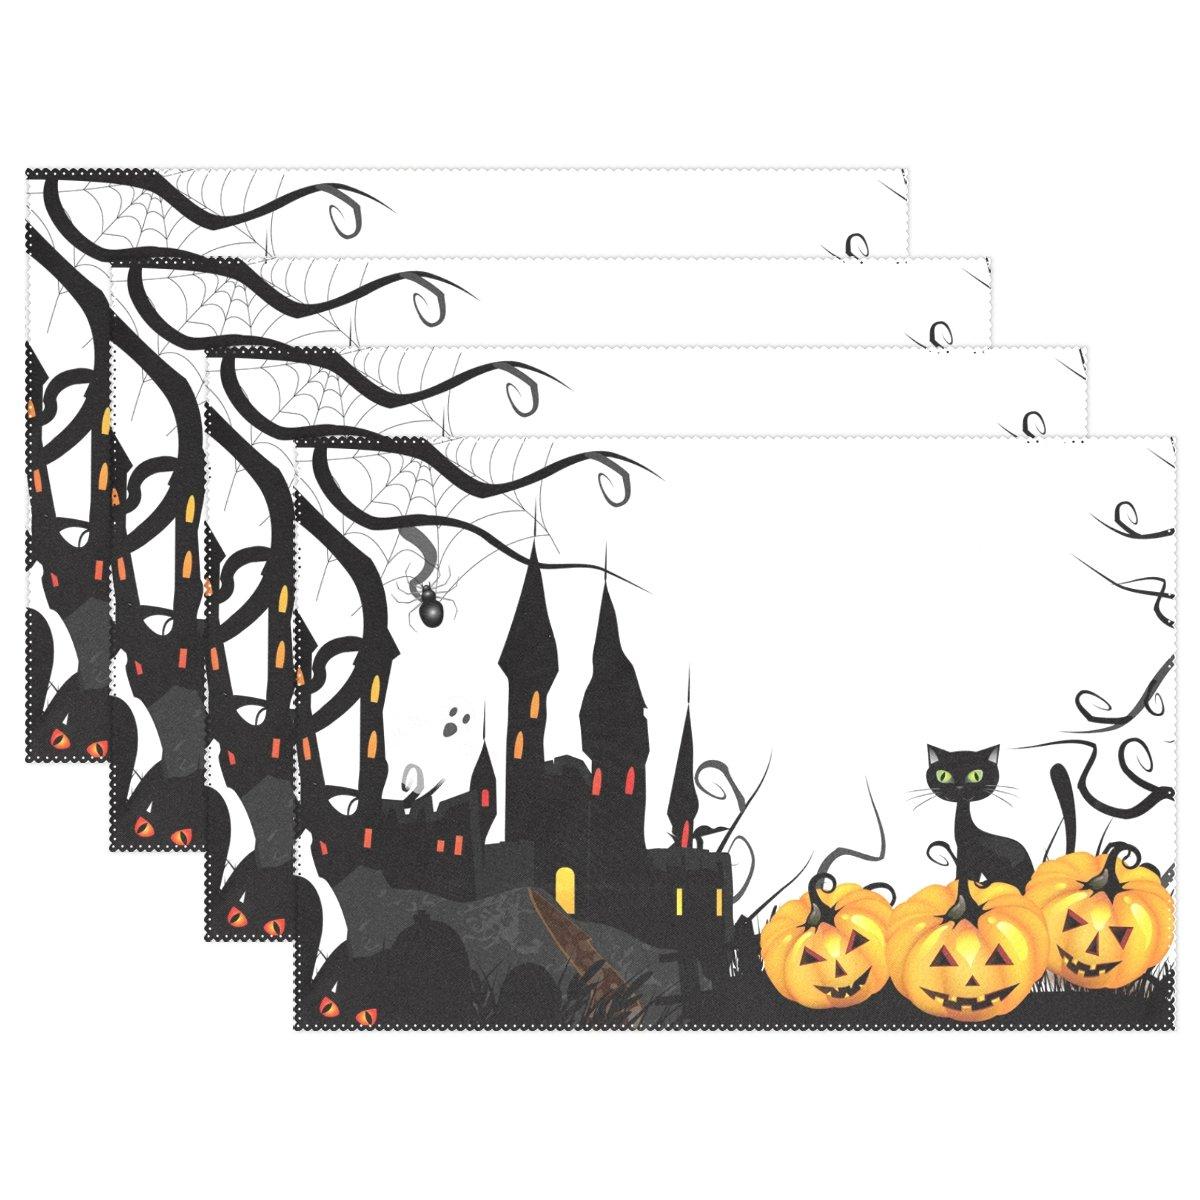 naanleハロウィンプレースマット、ブラックCat Pumpkin城耐熱Washableテーブルデコレーションを配置用マットキッチンダイニングテーブル 12*18inch 1214309p145c160s236 1 マルチカラー B0756ZRLD6